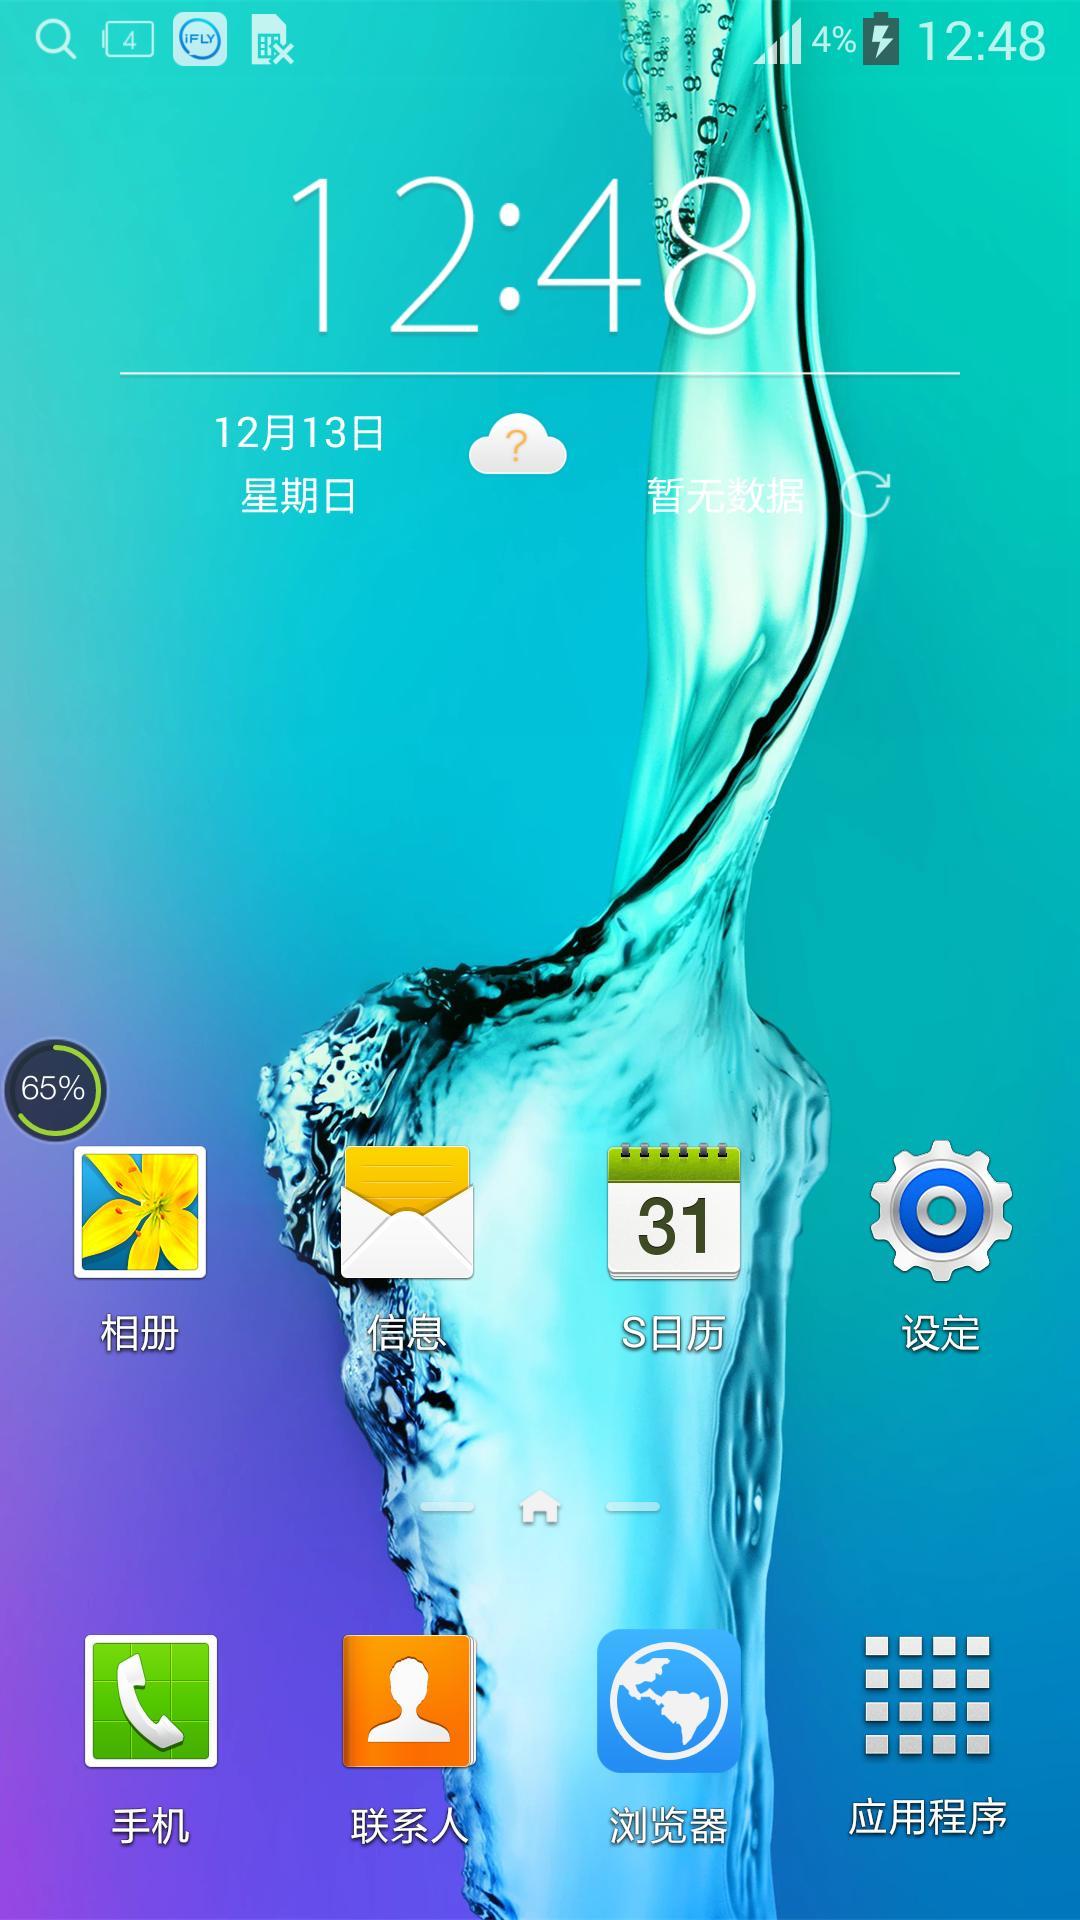 三星 I9500 (Galaxy S4) 刷机包 官方最新  全新UI 极速流畅 稳定省电V8.3